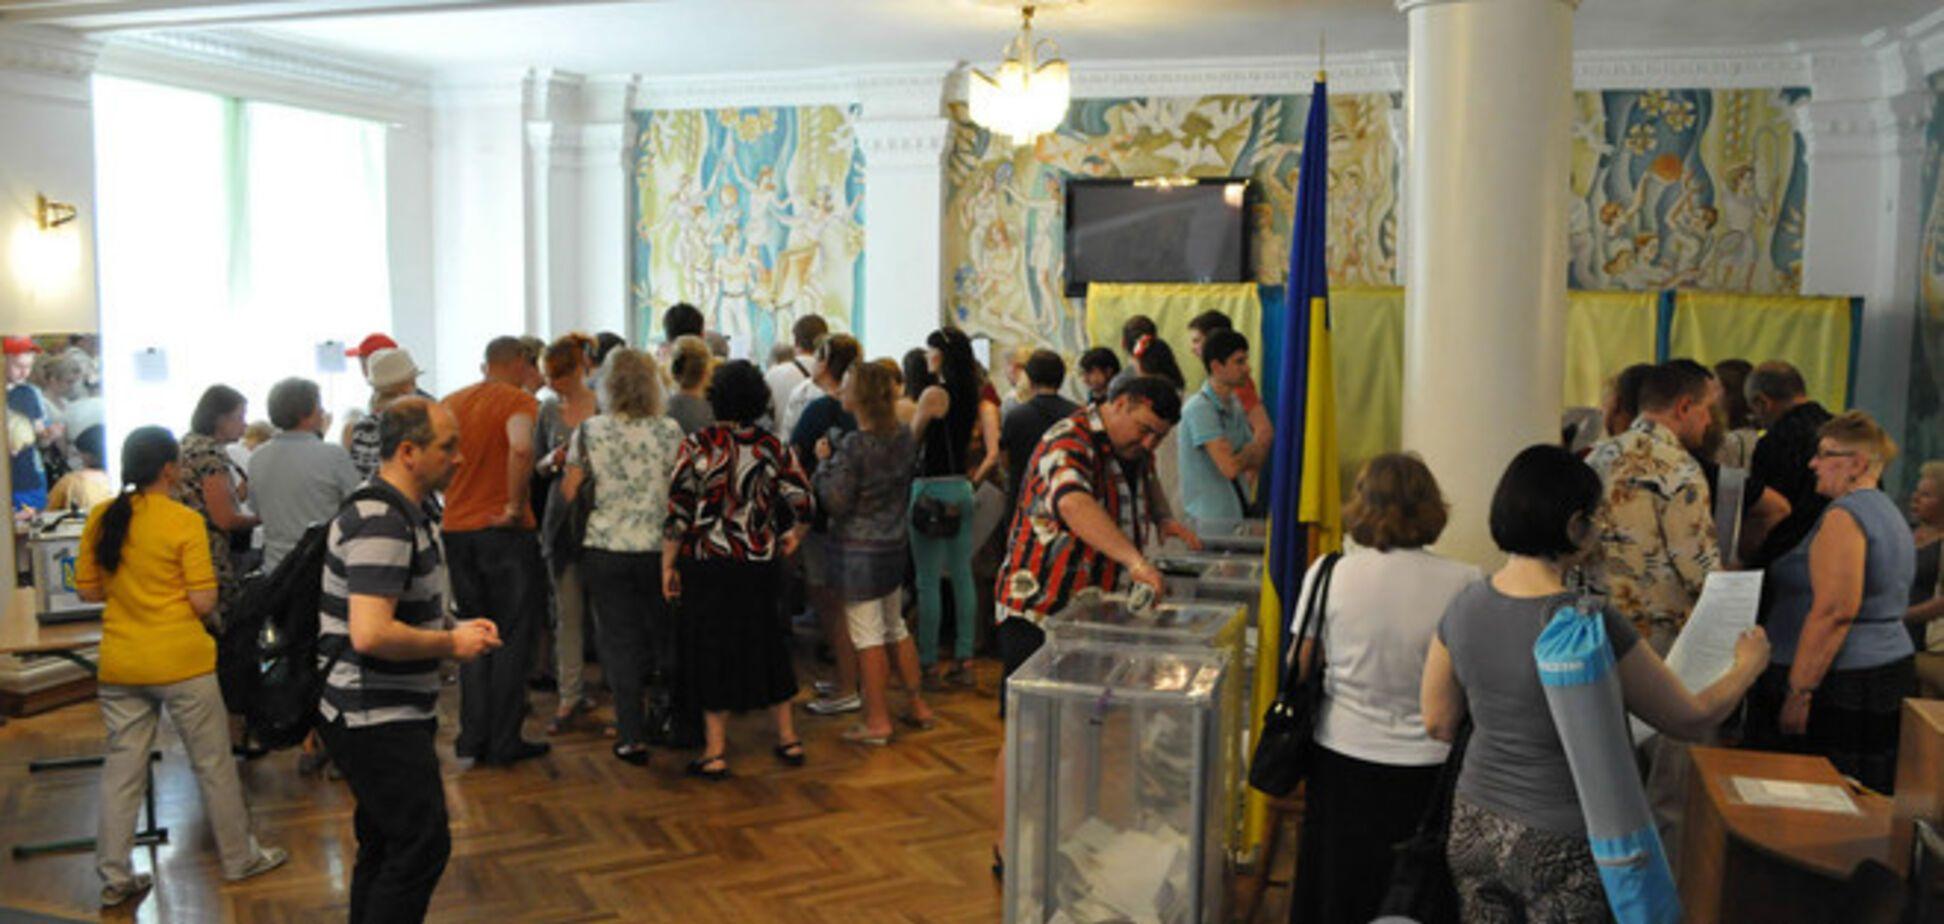 Выборы в Киеве. Столпотворения на участках и избиратели в вышиванках